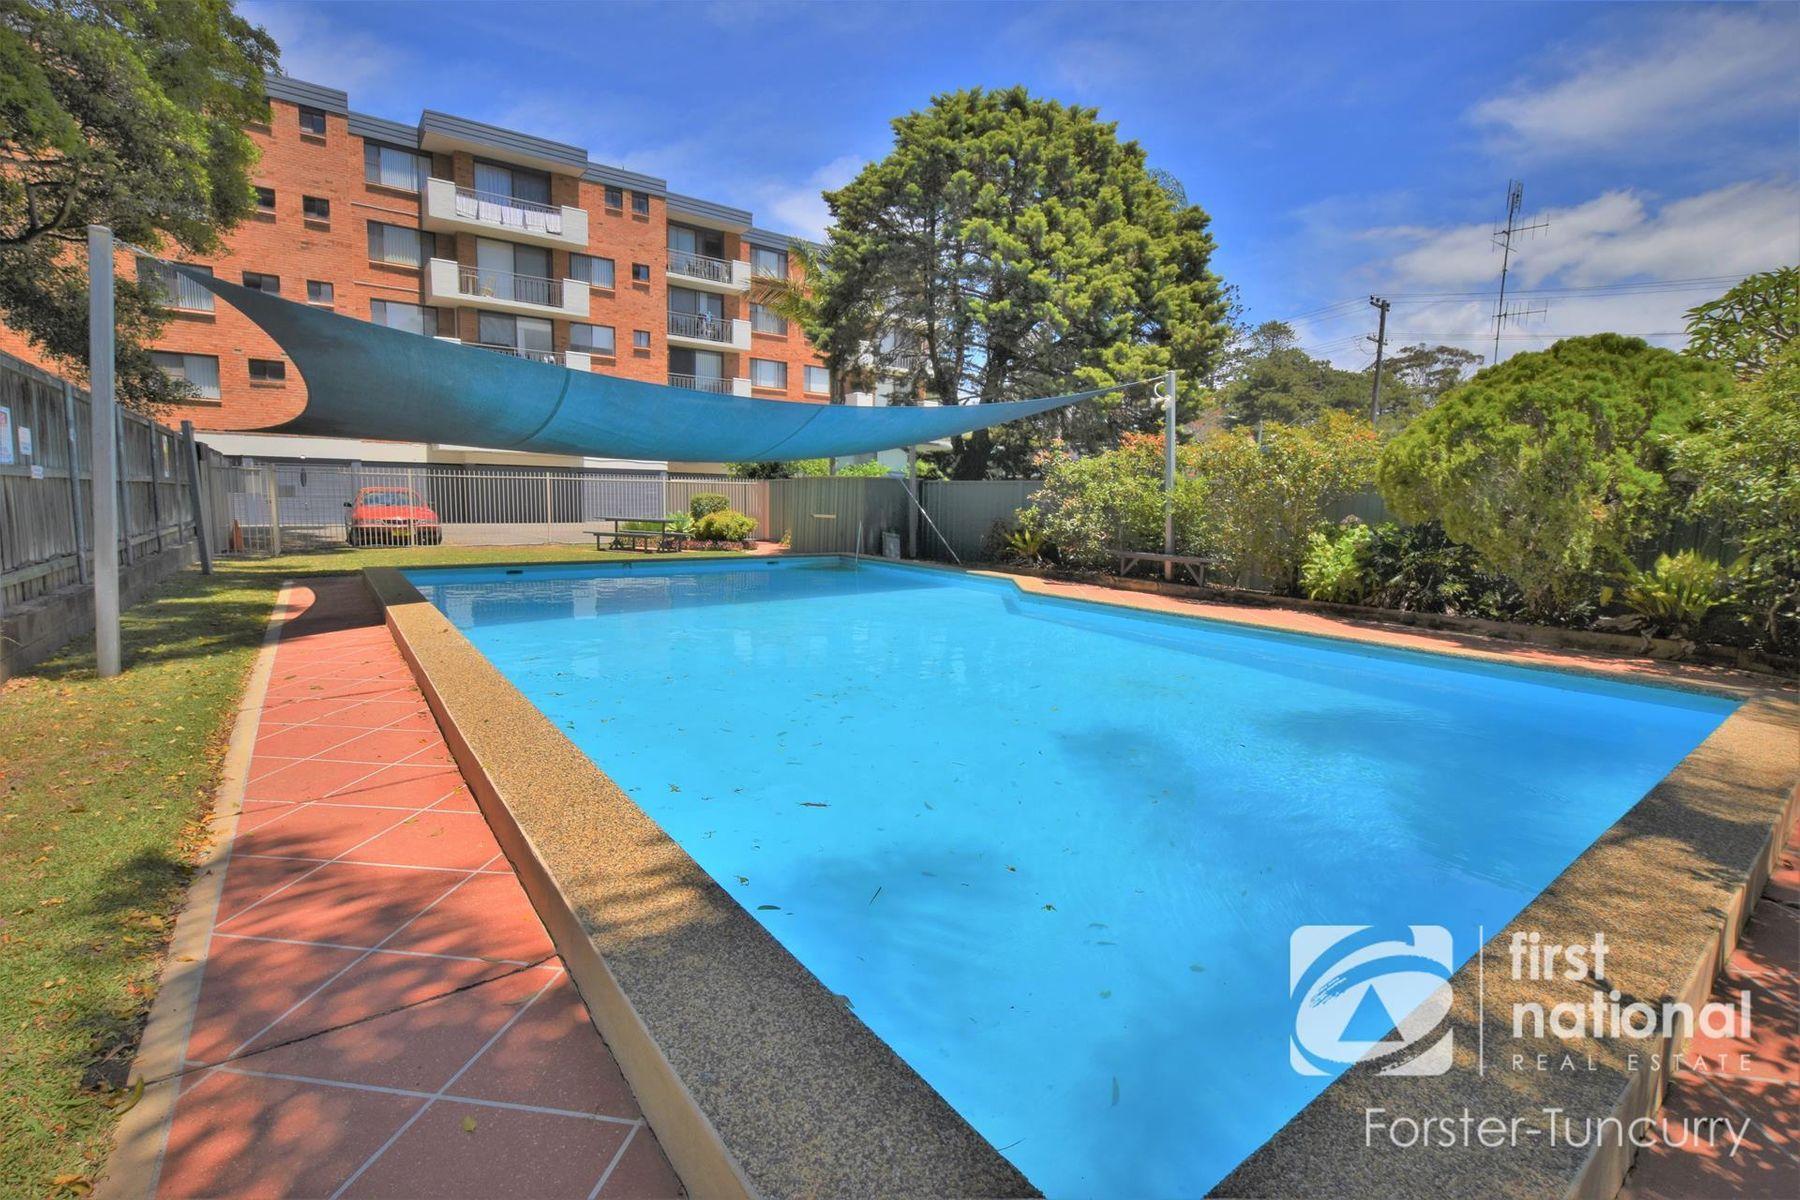 33/3-7 Peel Street, Tuncurry, NSW 2428